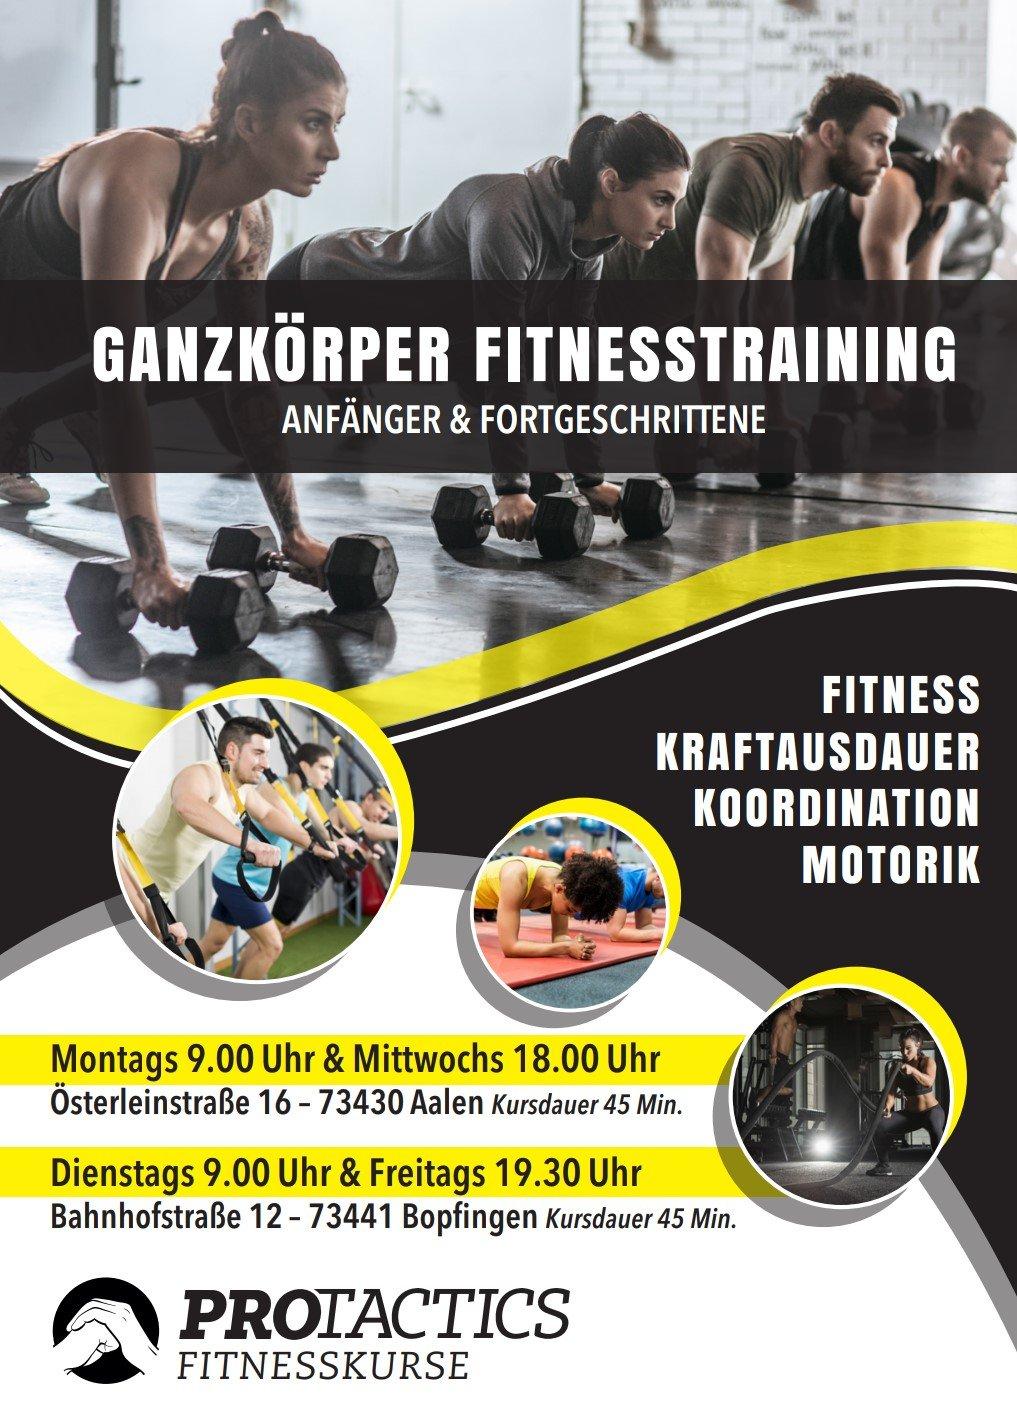 Protactics Fitnesskurse